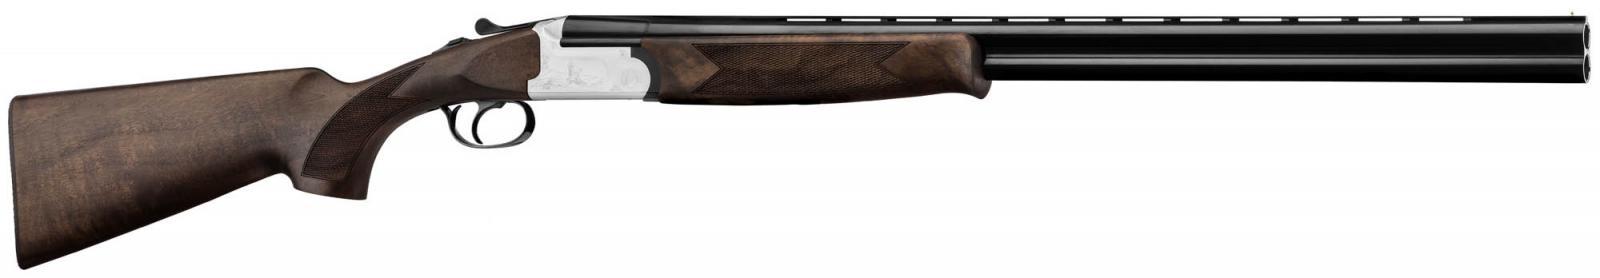 Fusil superposé FAIR PREMIER ACIER Cal 20/76 finition argent